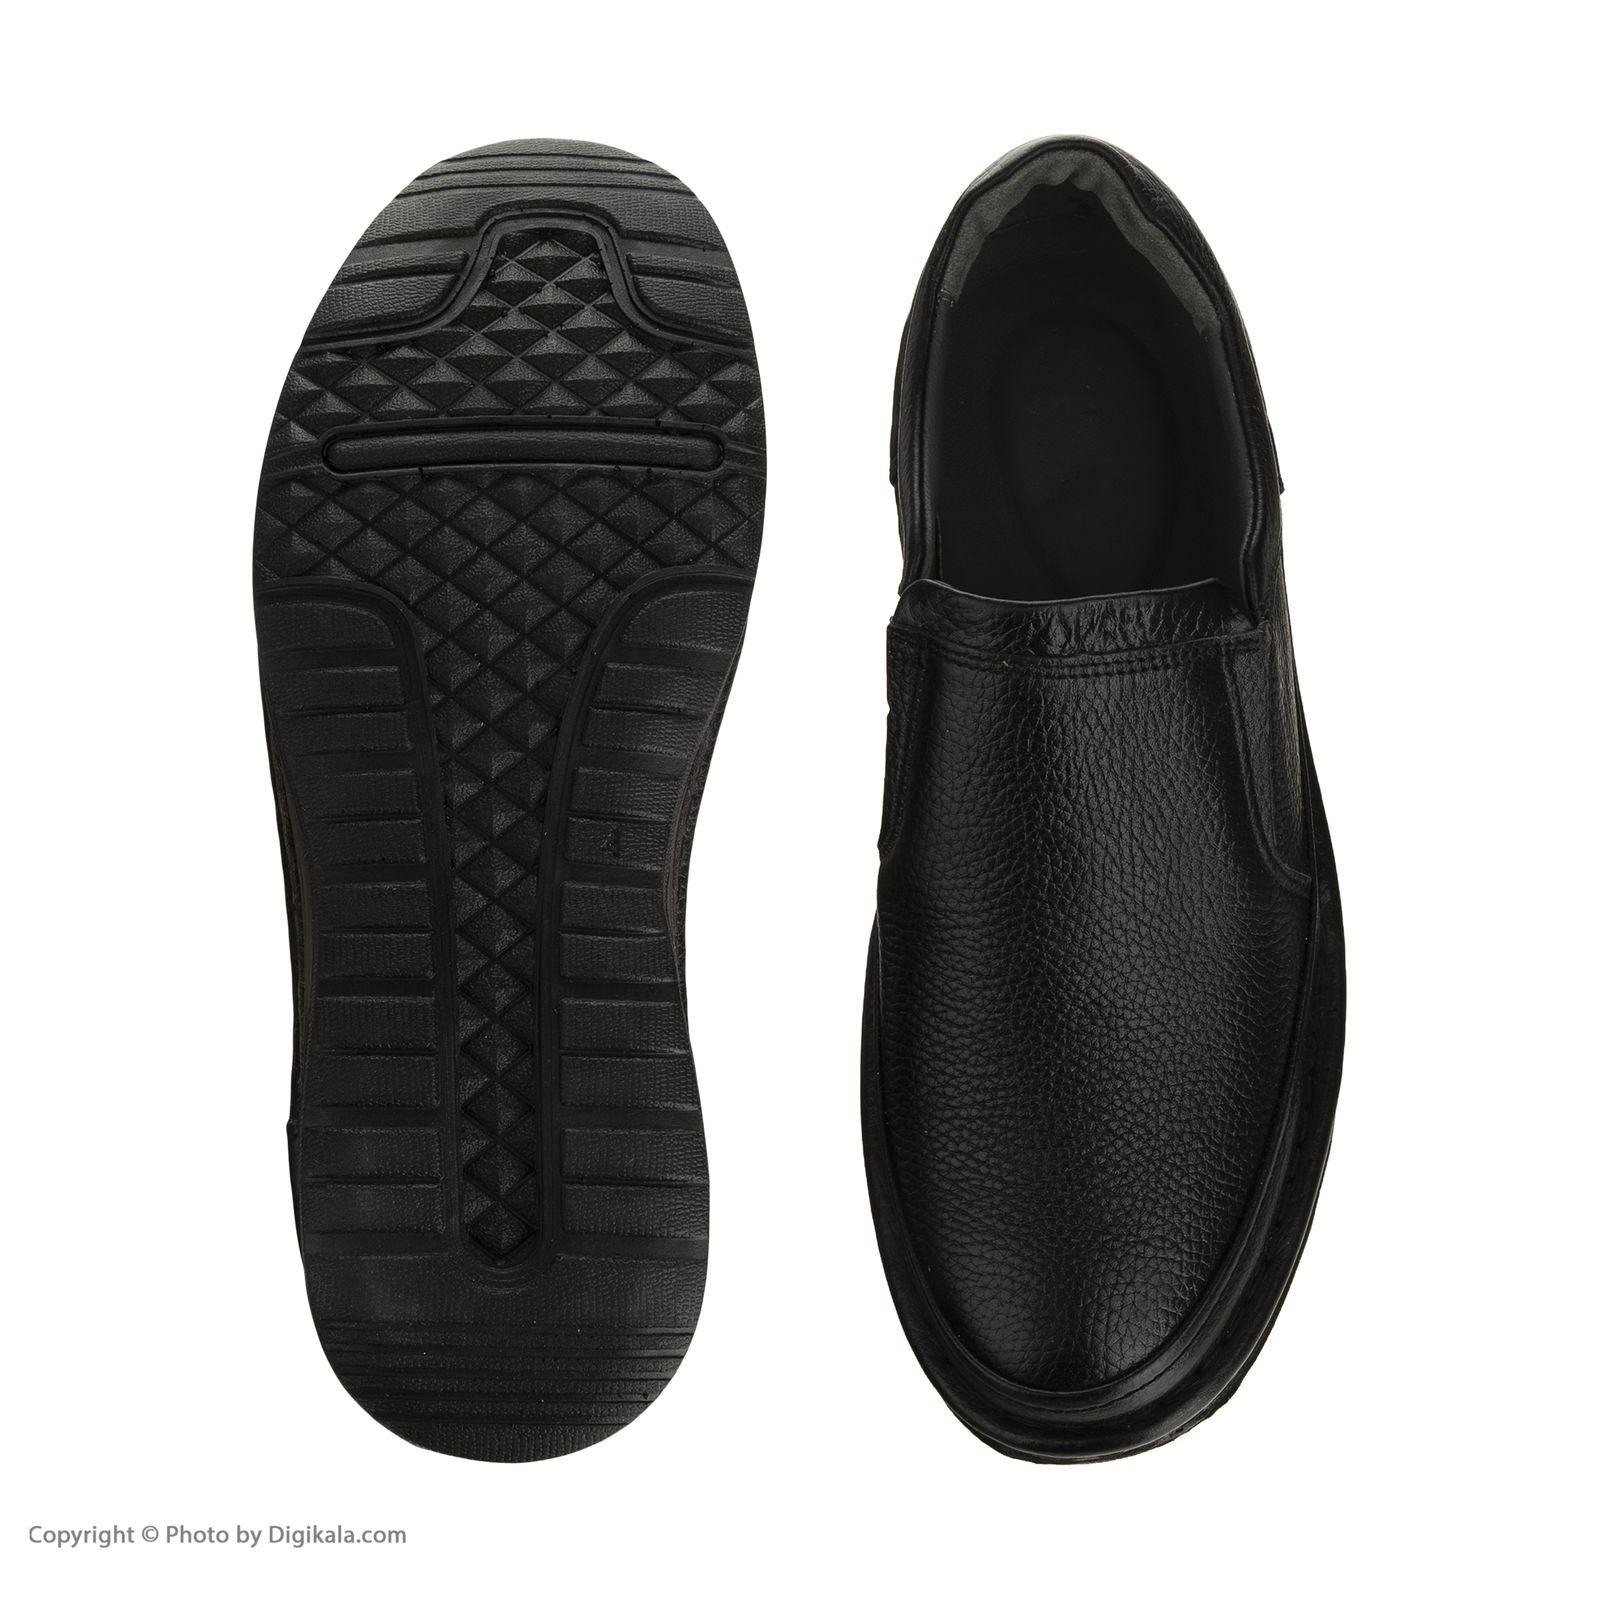 کفش روزمره مردانه بلوط مدل 7292A503101 -  - 4